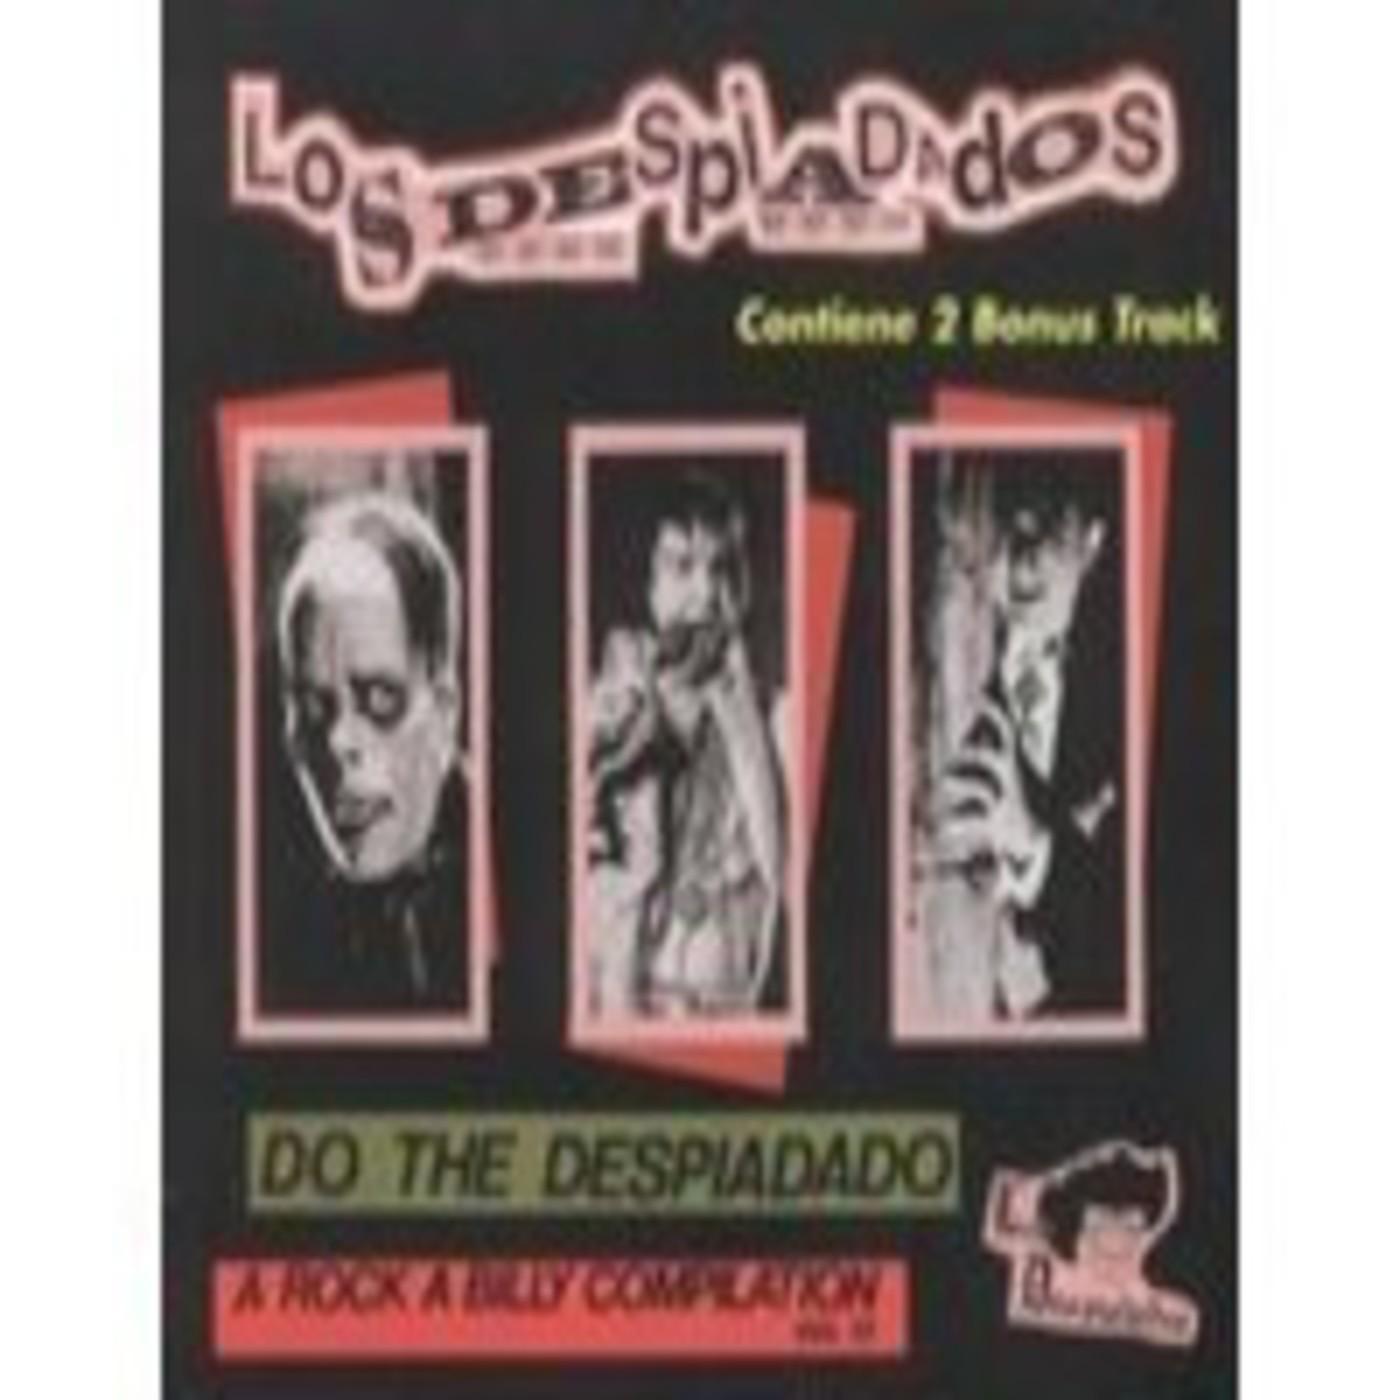 Los Despiadados - Do The Despiadado-a Rockabilly compilation vol.13 (1990)